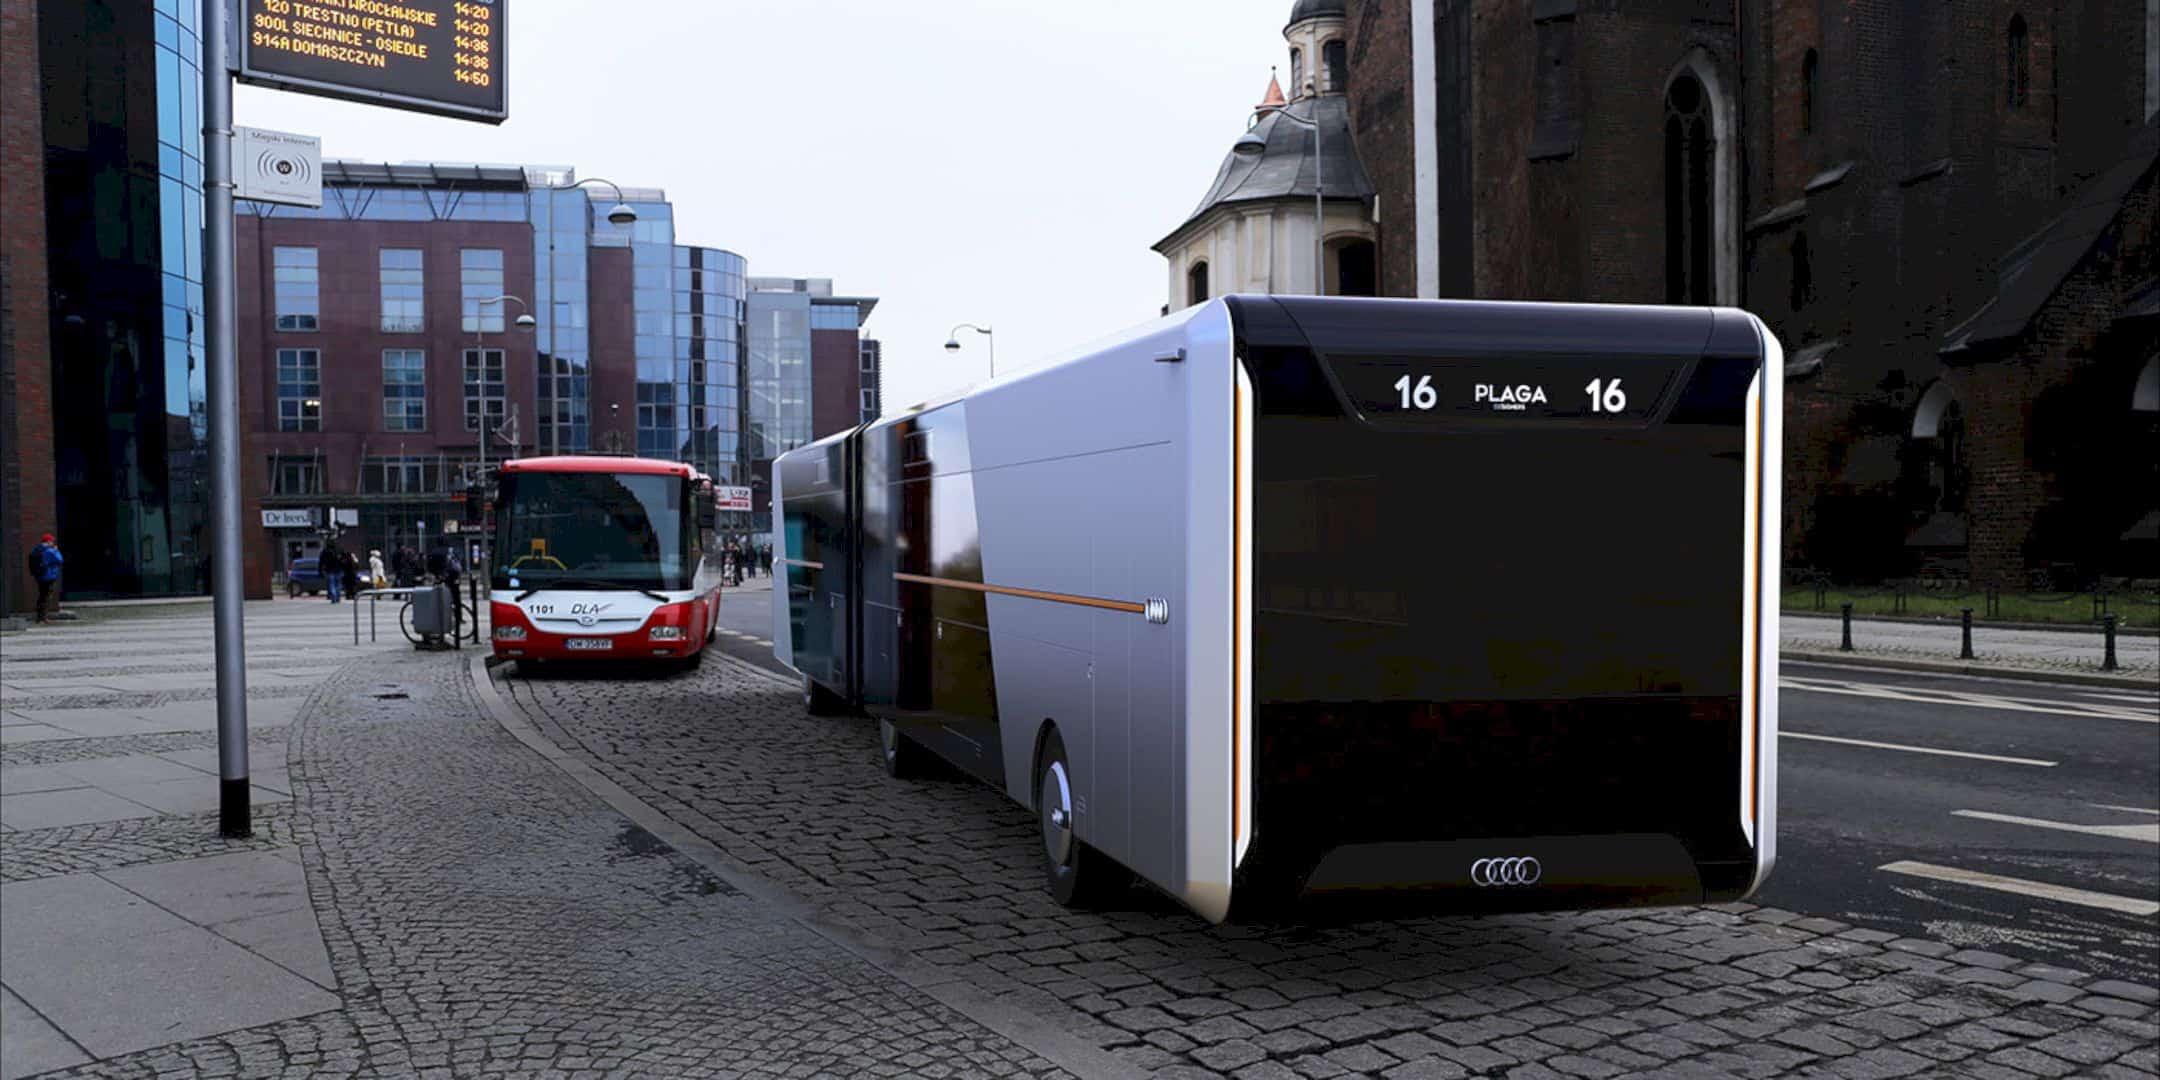 Audi City Bus 7